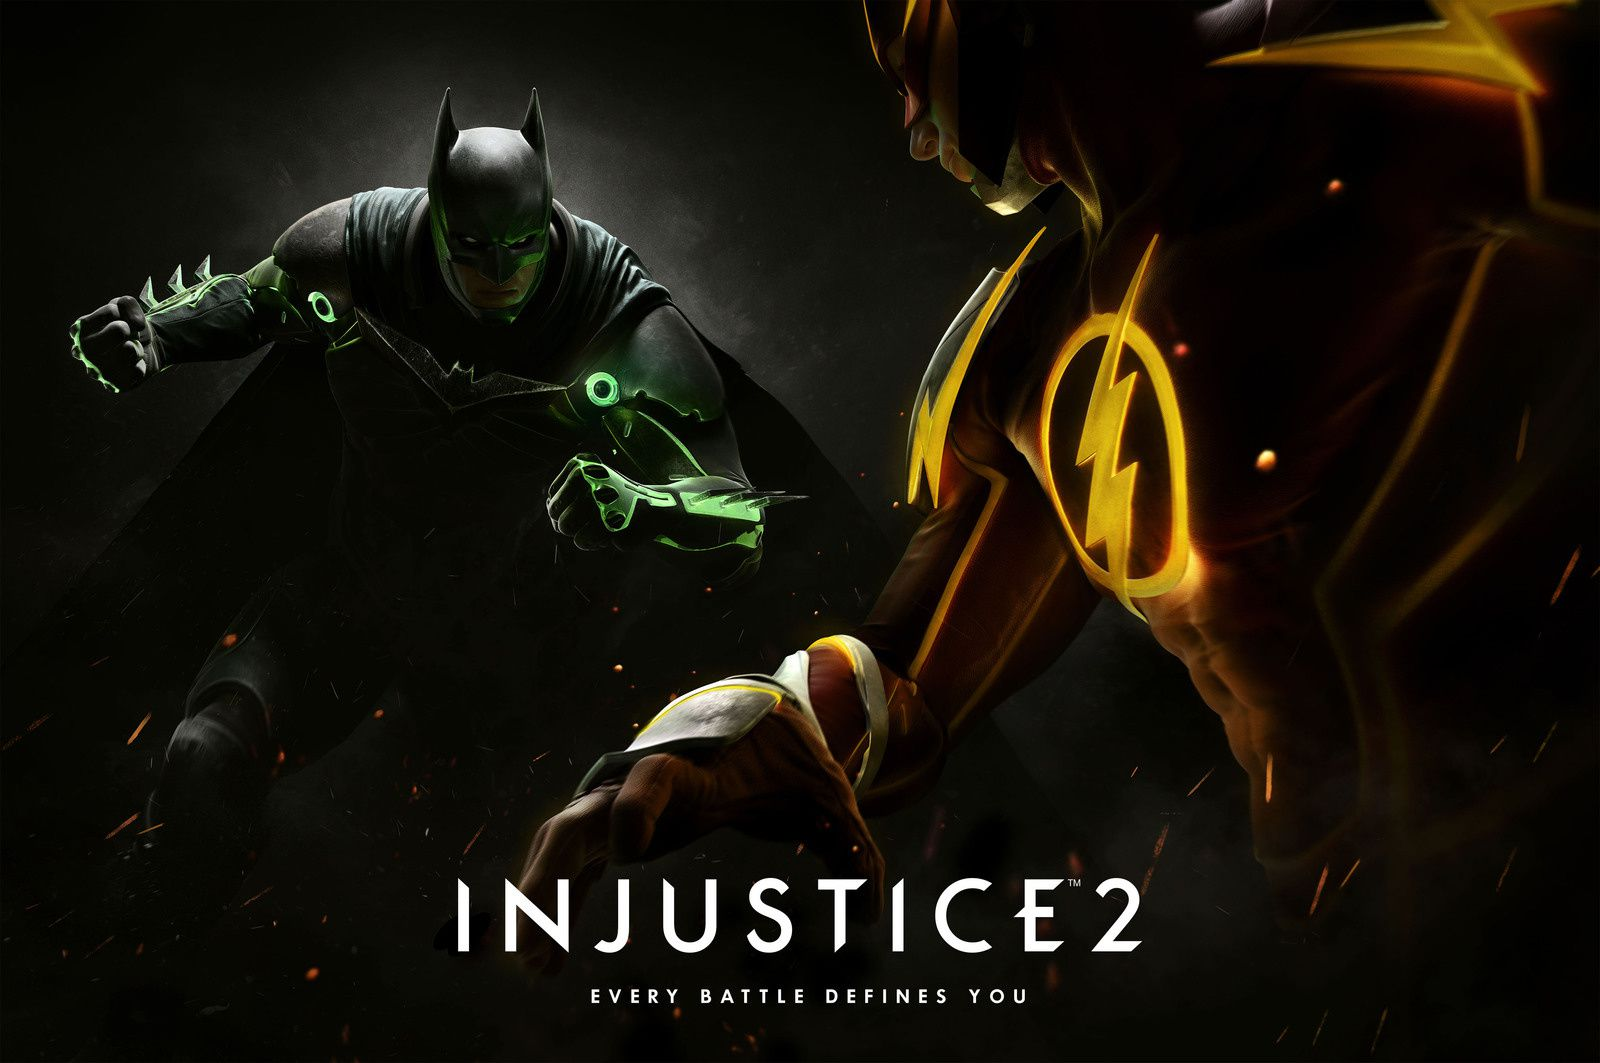 La nouvelle bande-annonce d'Injustice™ 2 dévoile des images de gameplay de Raiden et de Black Lightning